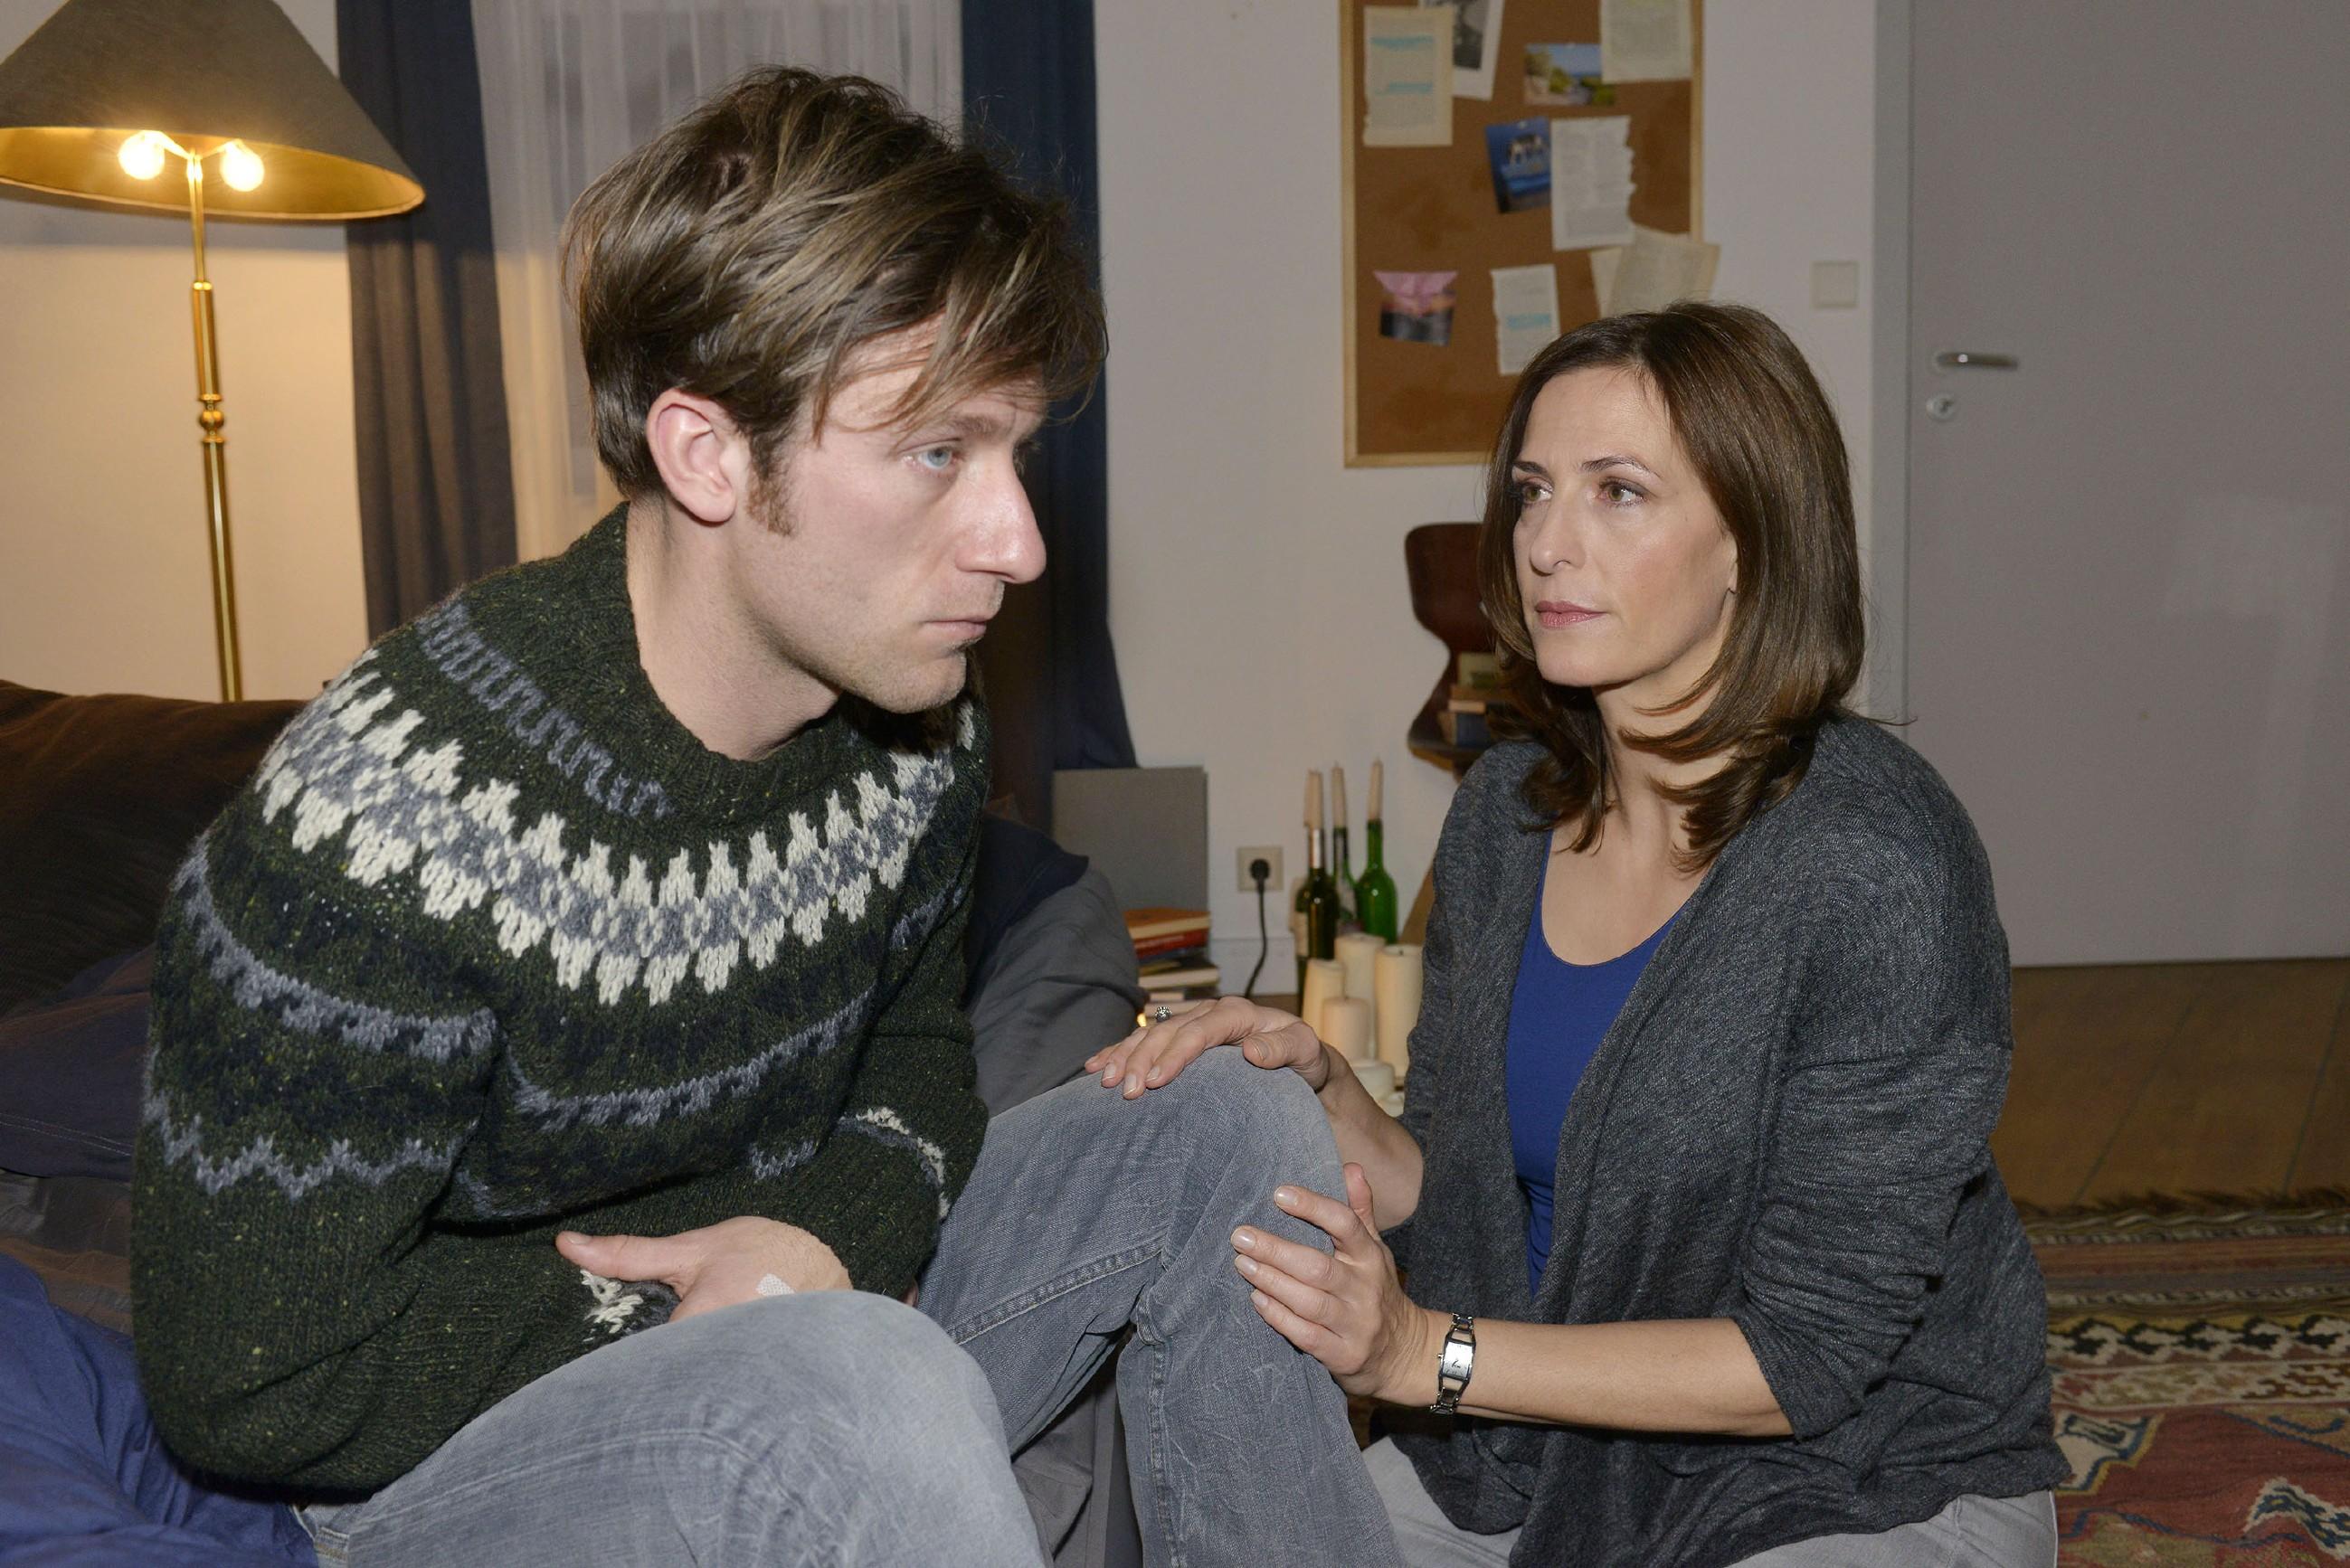 Katrin (Ulrike Frank) setzt es schwer zu, als Till (Merlin Leonhardt) ihr mitteilt, dass ihn schlimme Gedanken quälen. Zu groß ist seine Angst vor dem nächsten Schub und seinen Folgen... (Quelle: RTL / Rolf Baumgartner)